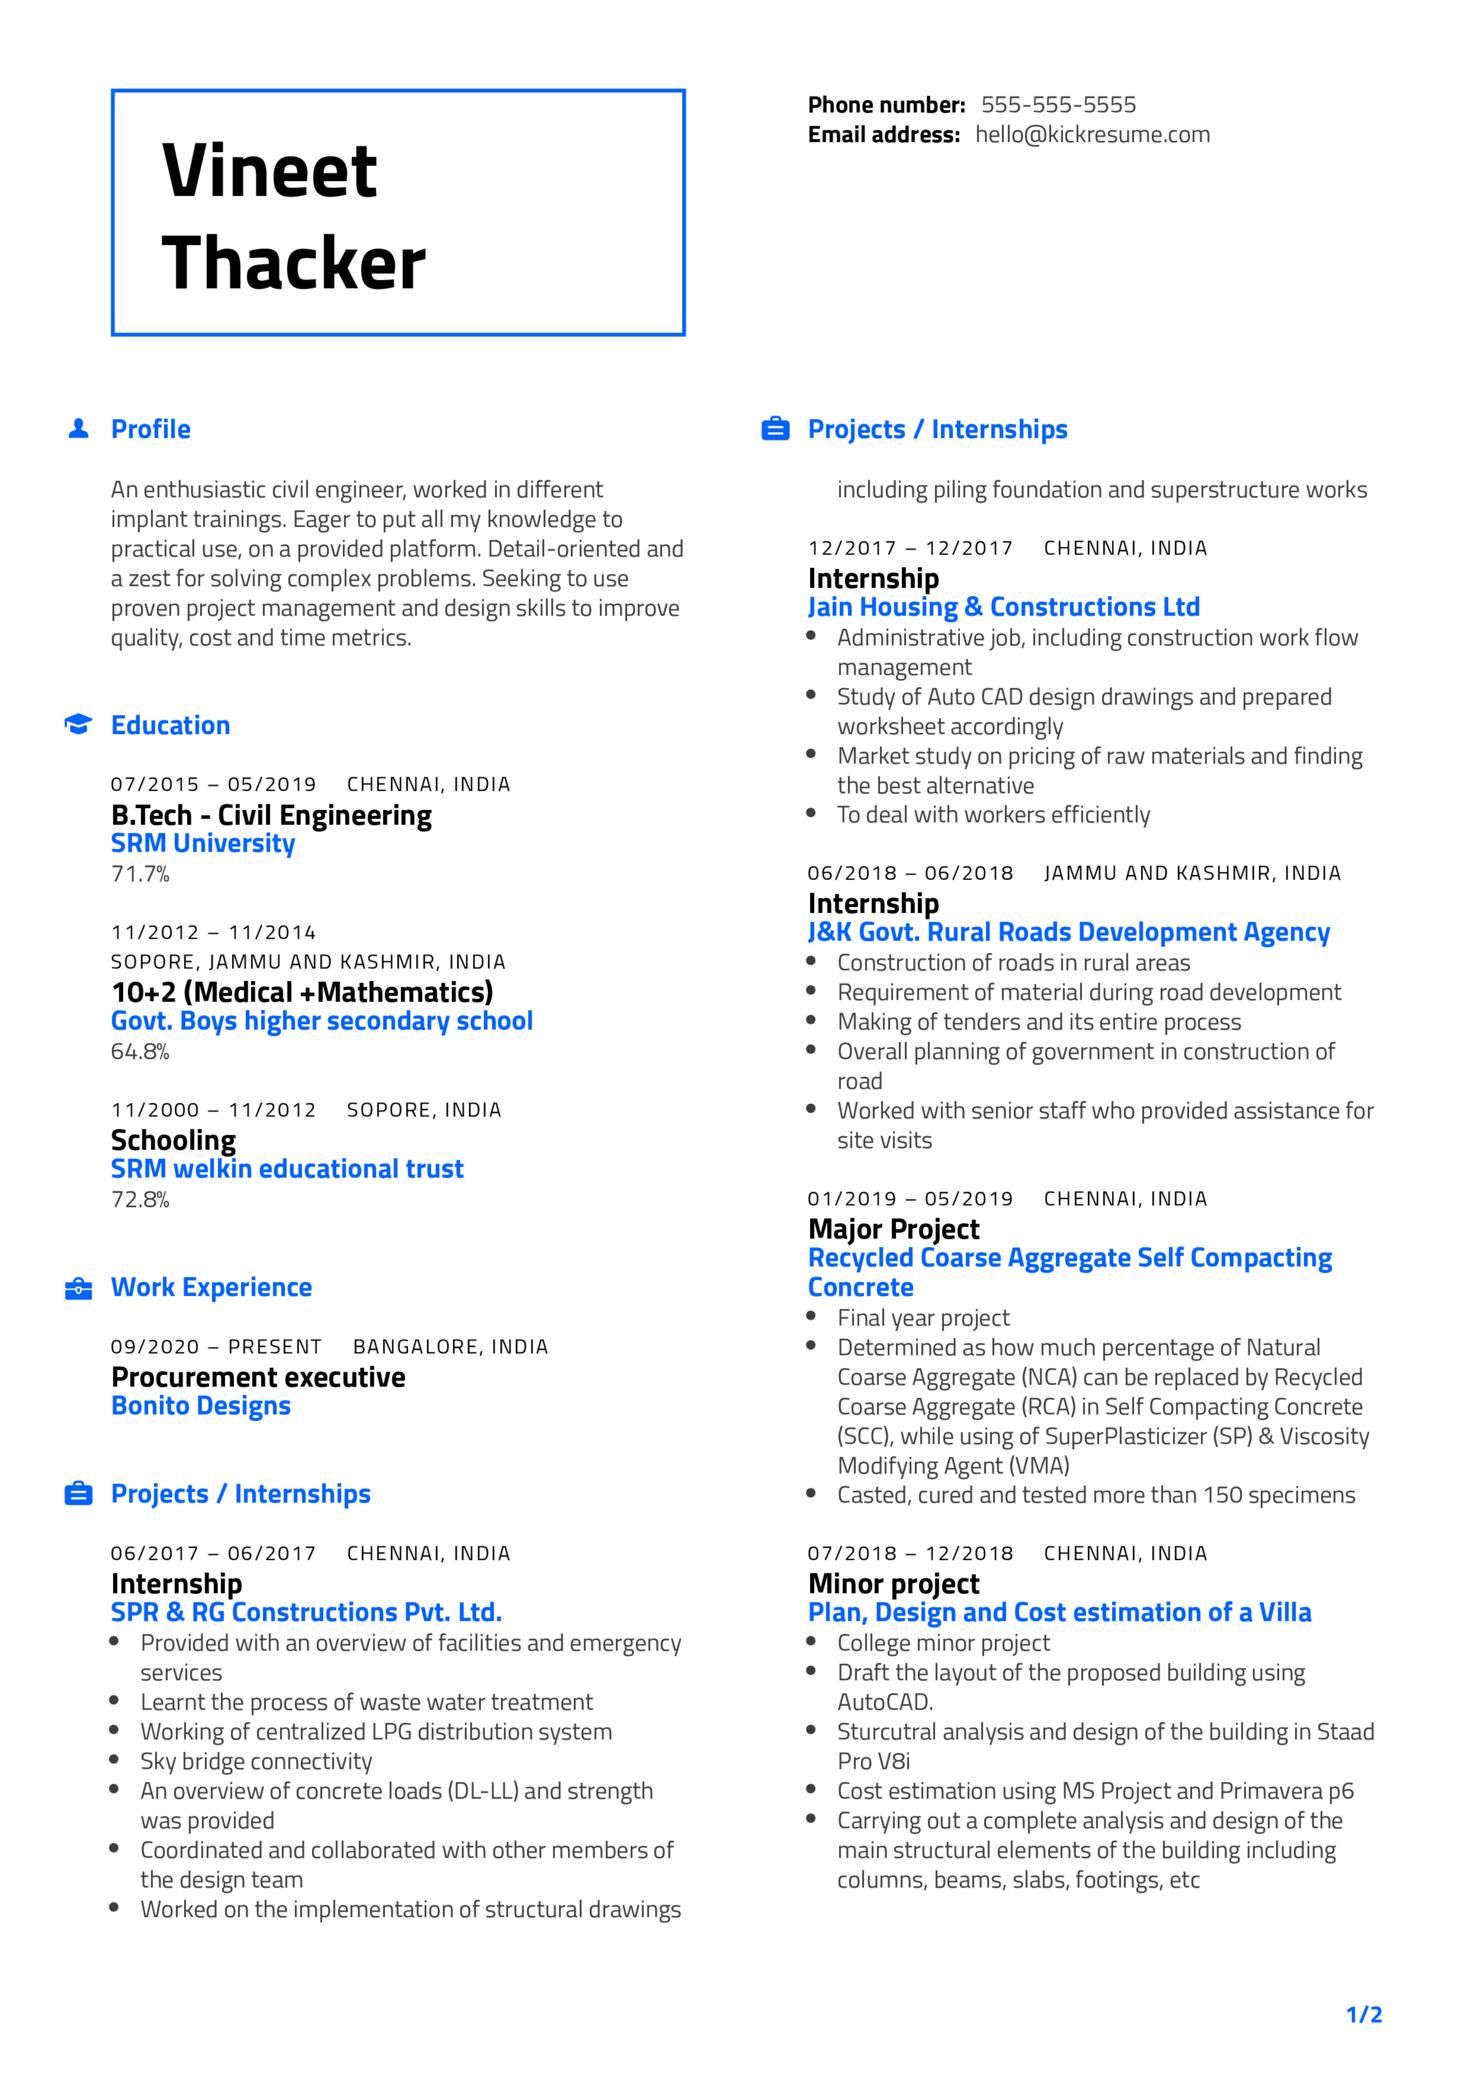 Procurement Executive Resume Sample (Teil 1)